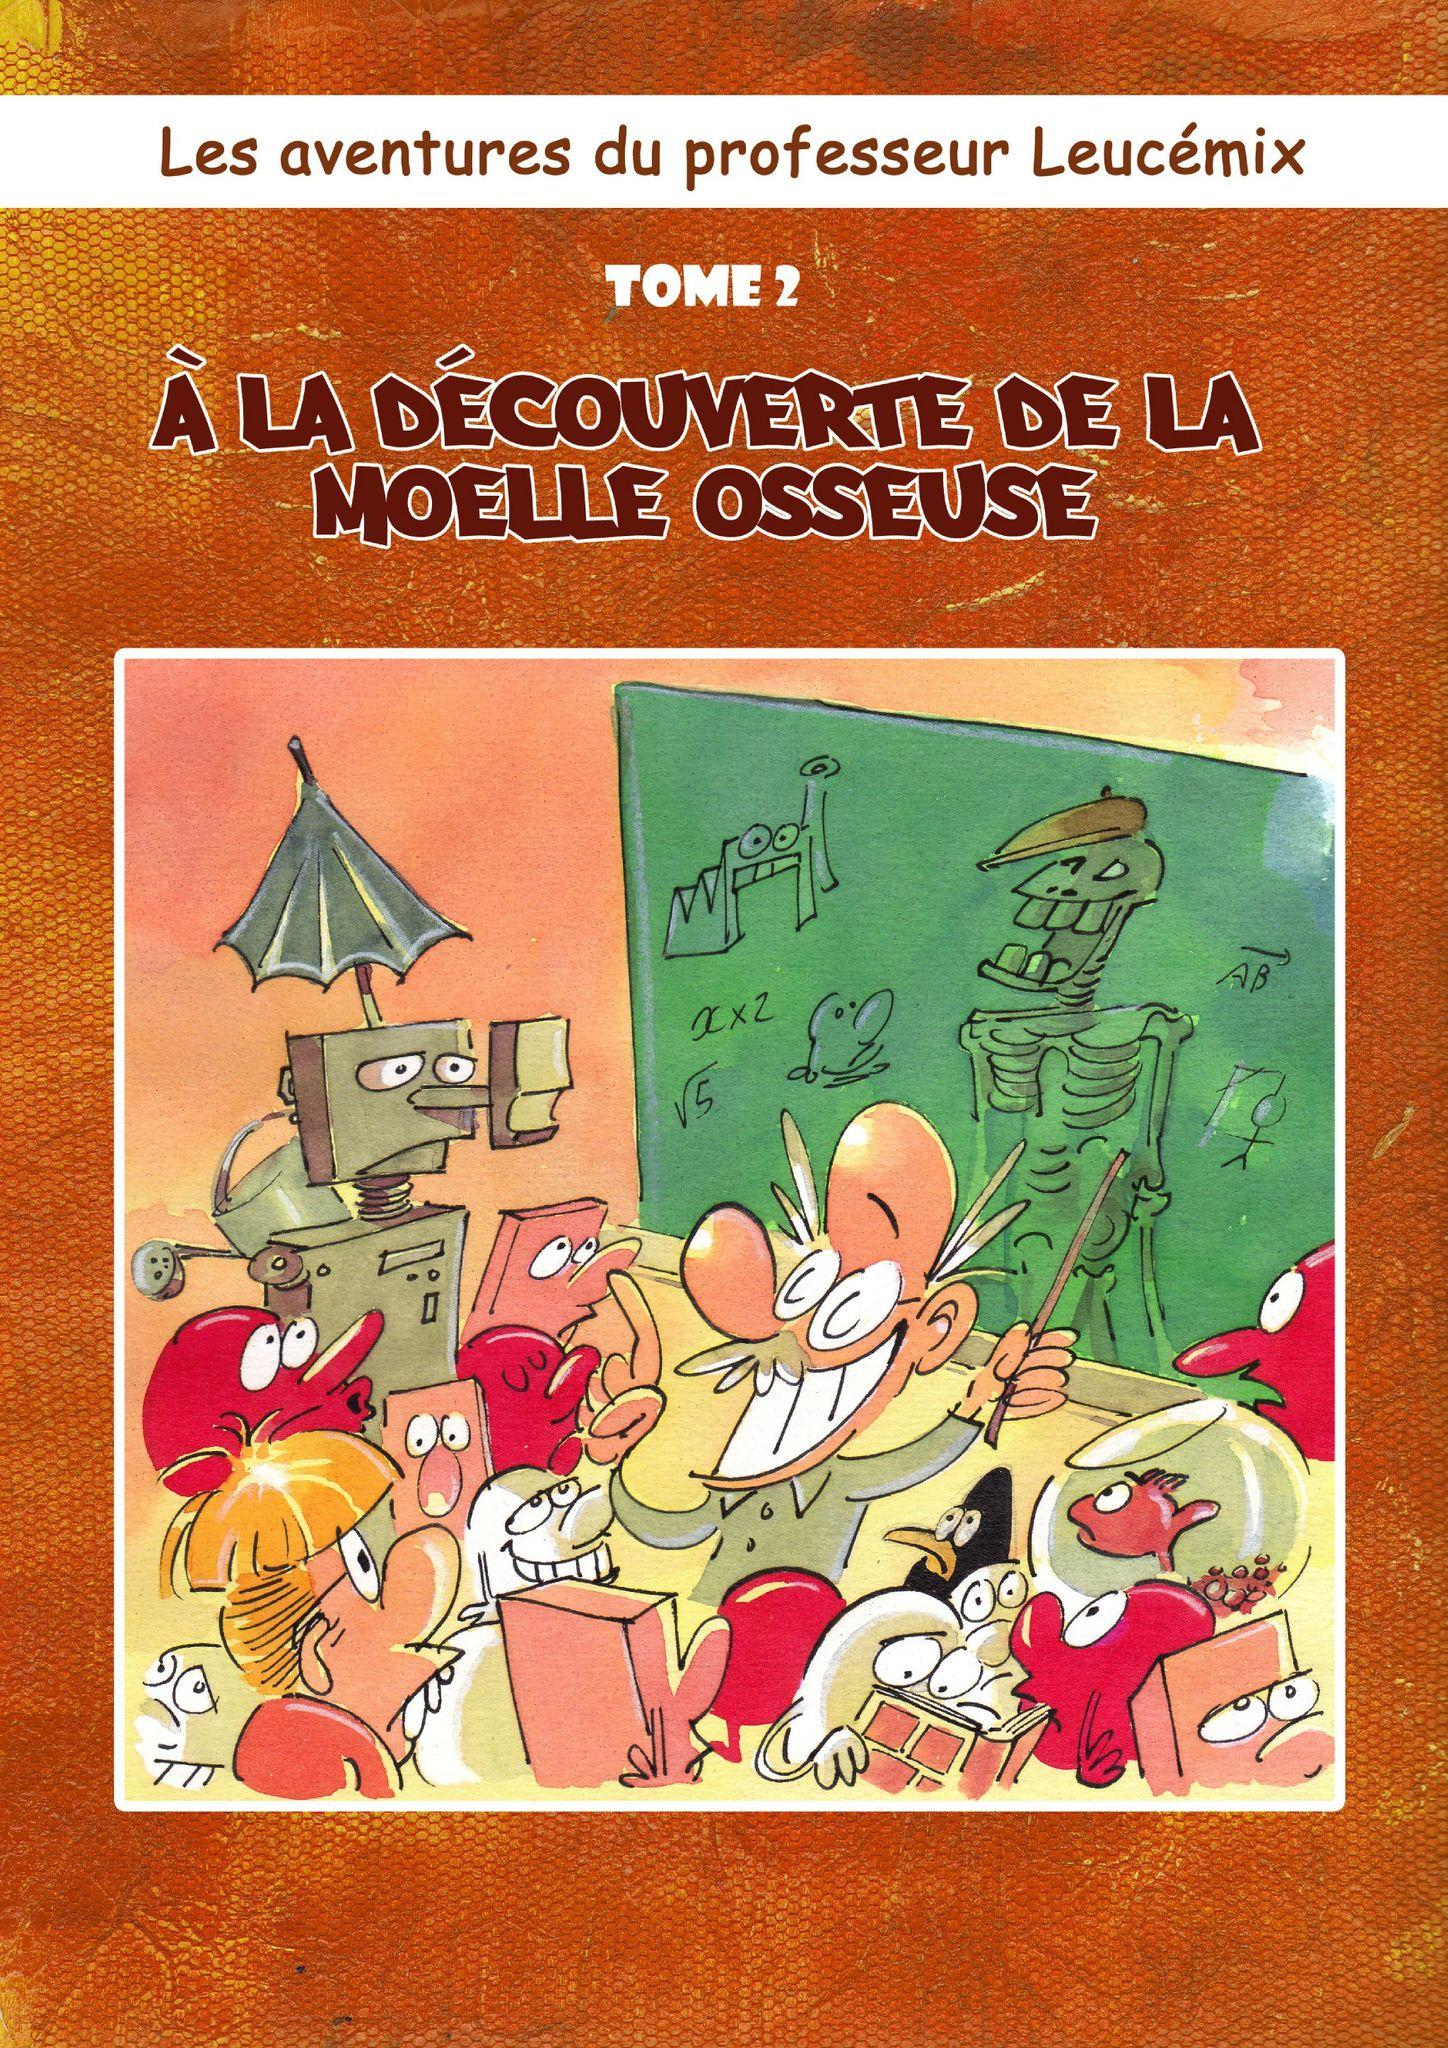 Les aventures du professeur Leucémix, tome 2